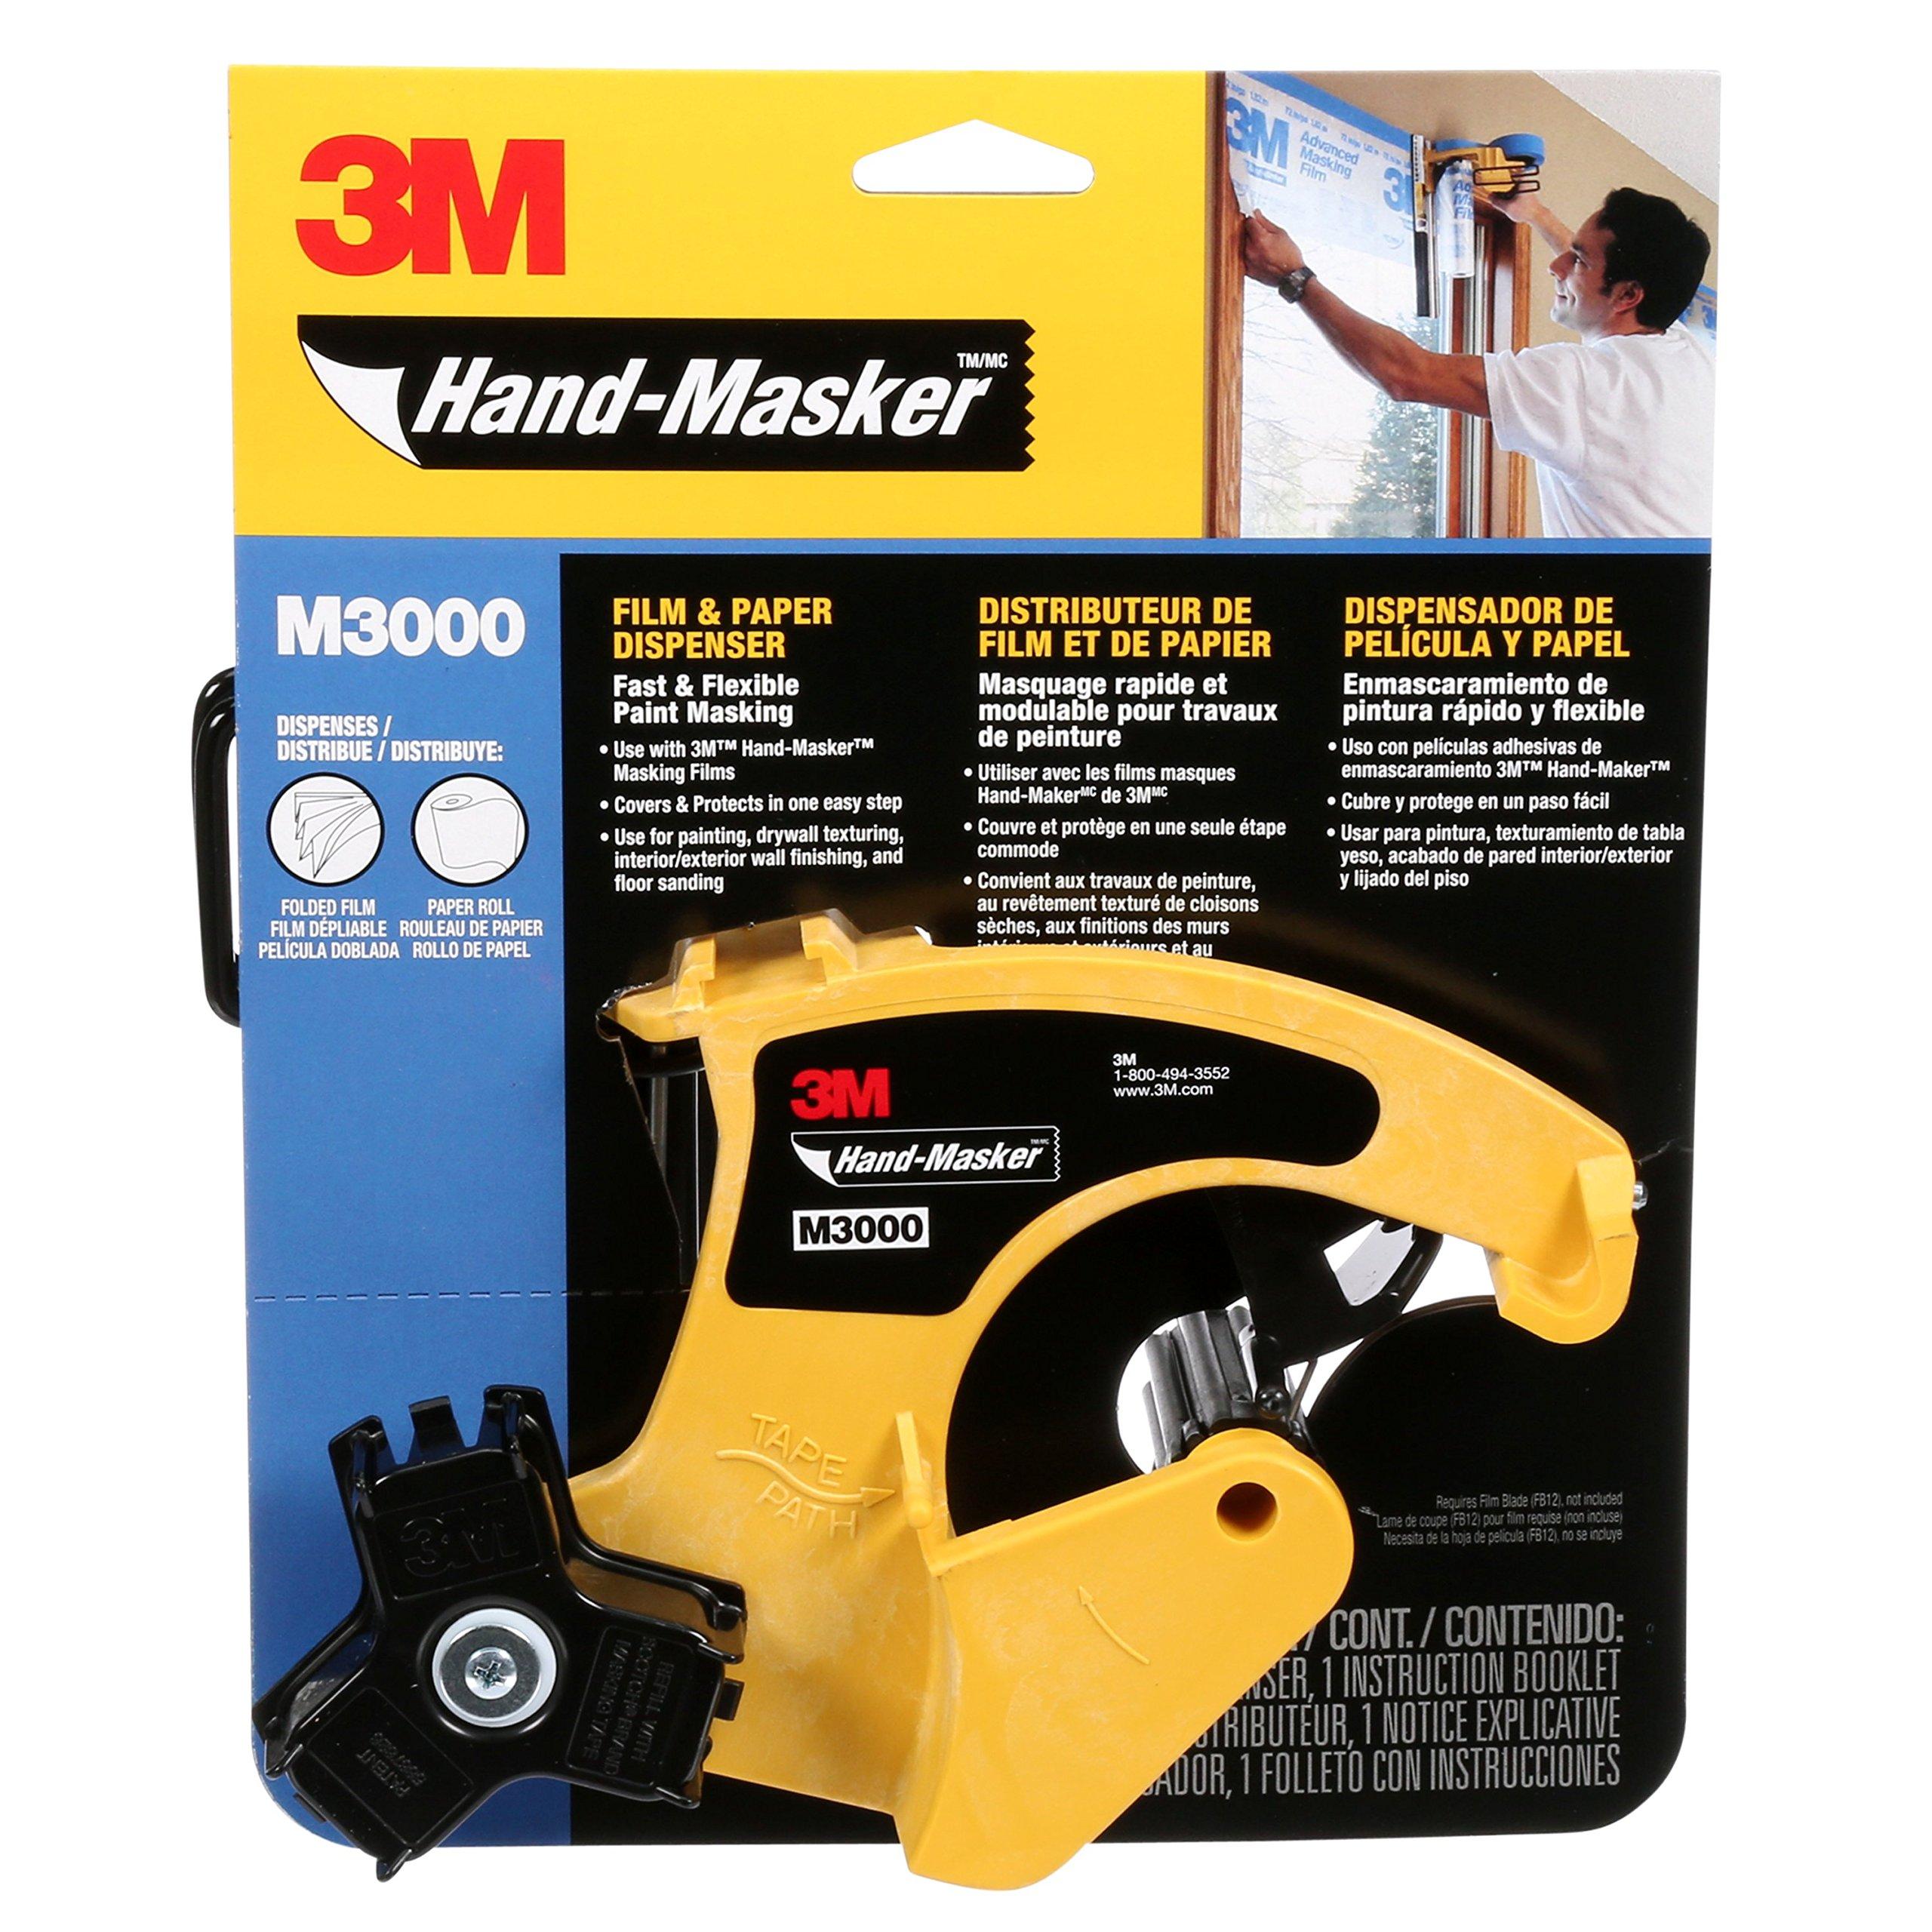 3M Hand-Masker Dispenser - M3000 product image